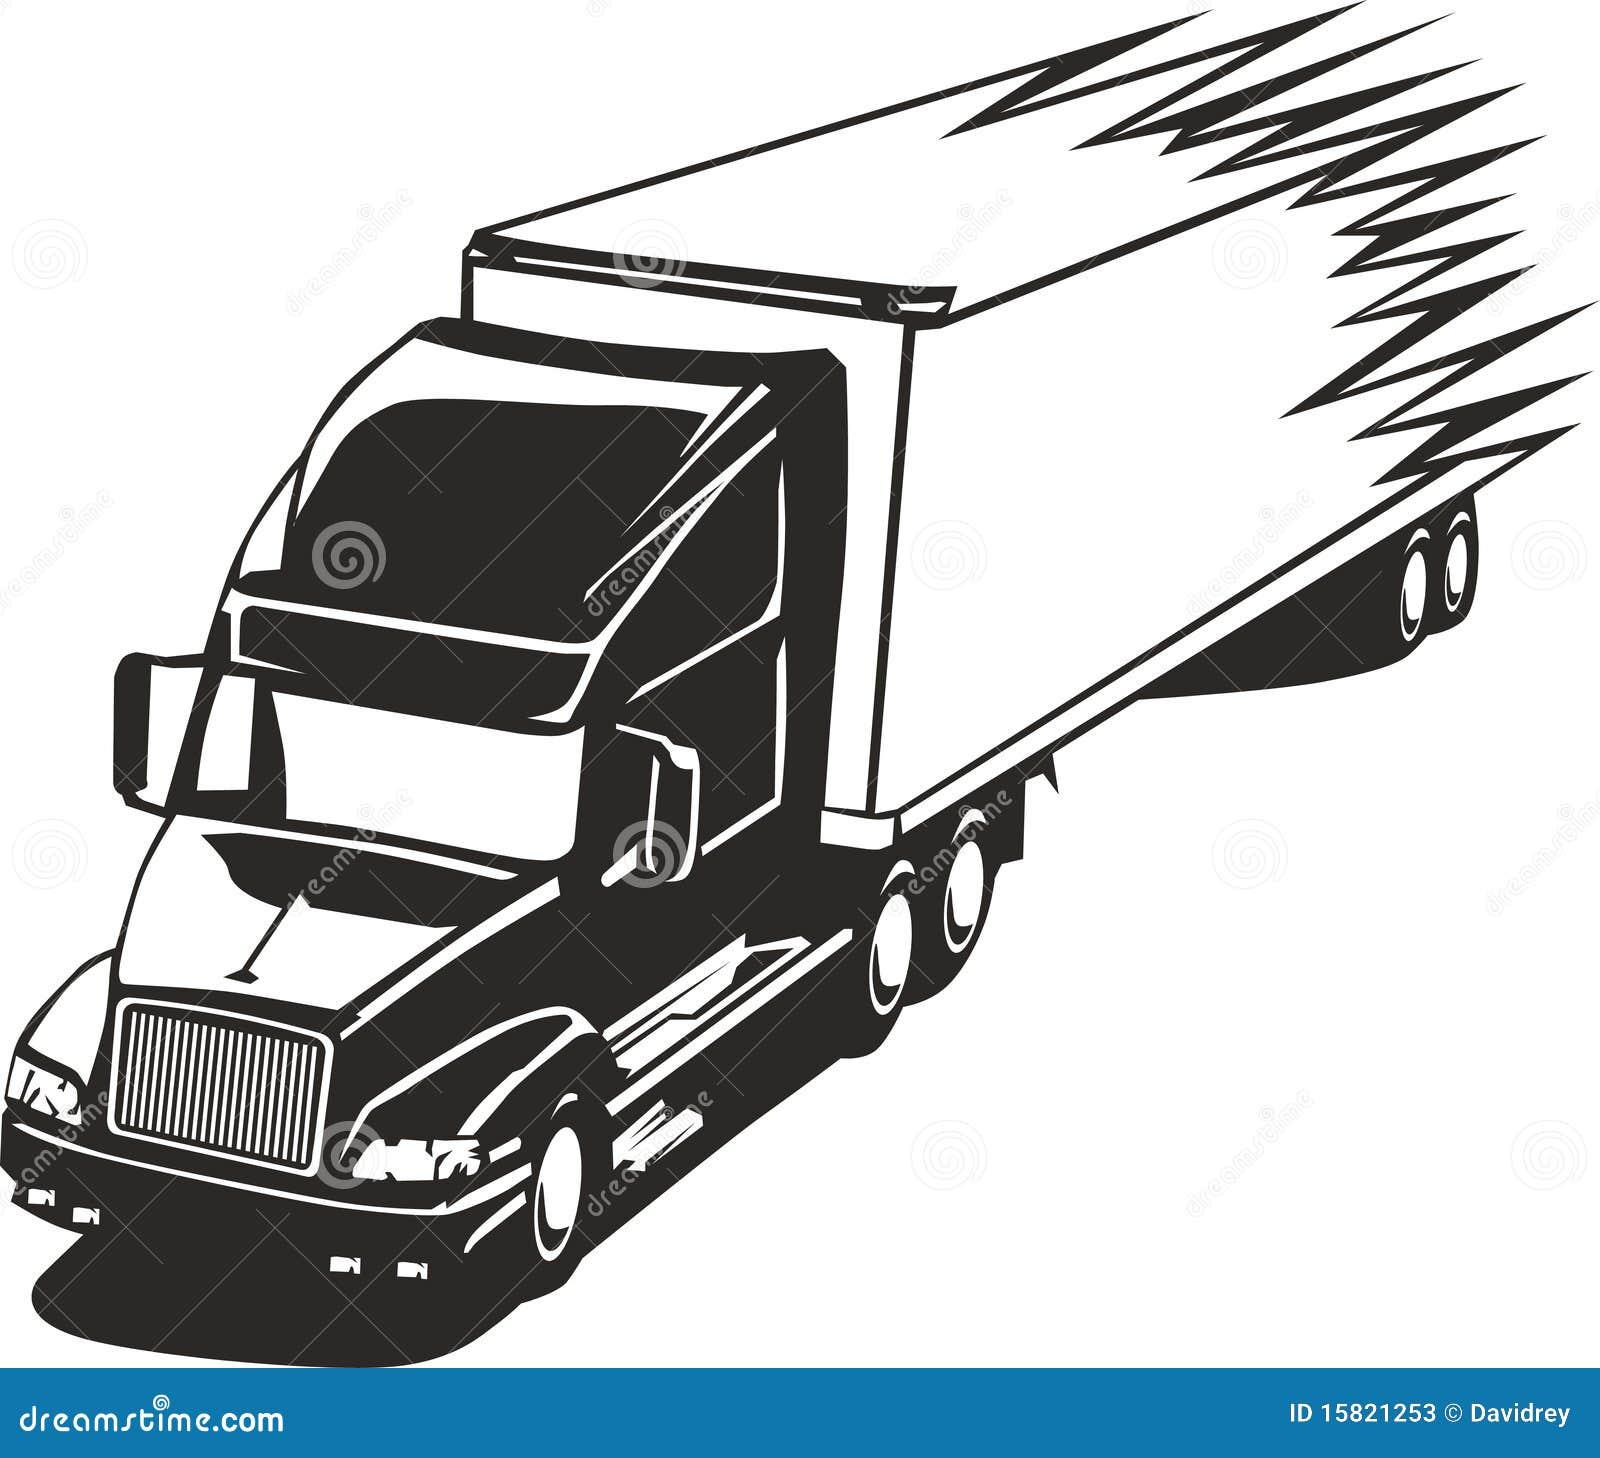 Speeding Big Rig Truck In The Highway Stock Vector Illustration Of Transportation Vynil 15821253